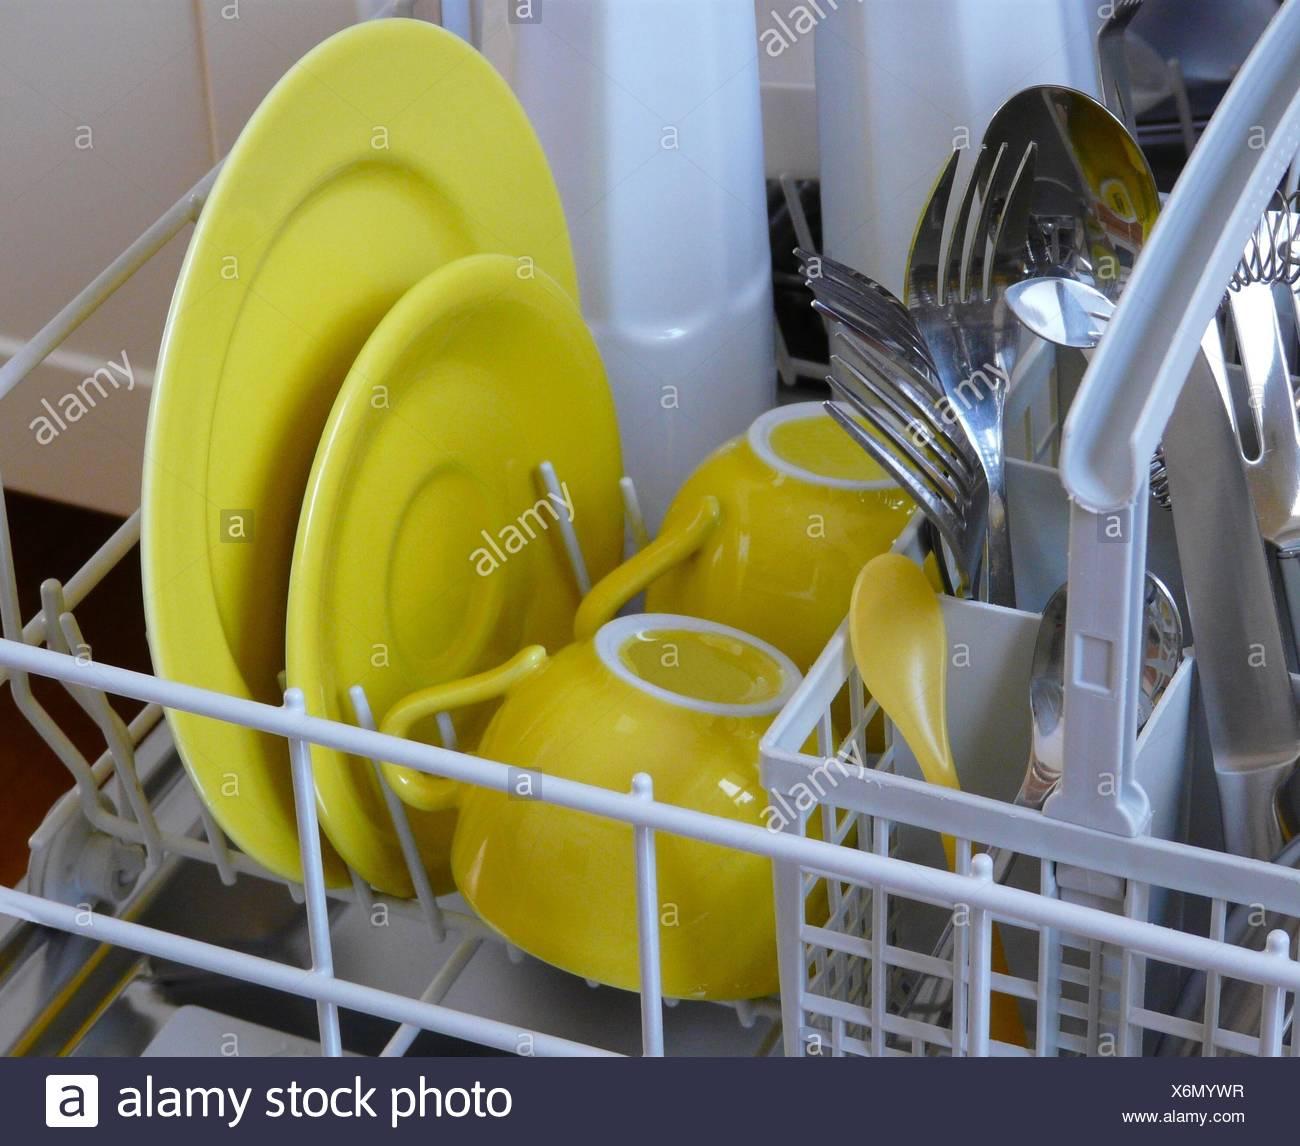 Haushalt Waschen China Hausaufgaben Geschirrspulmaschine Reinigen